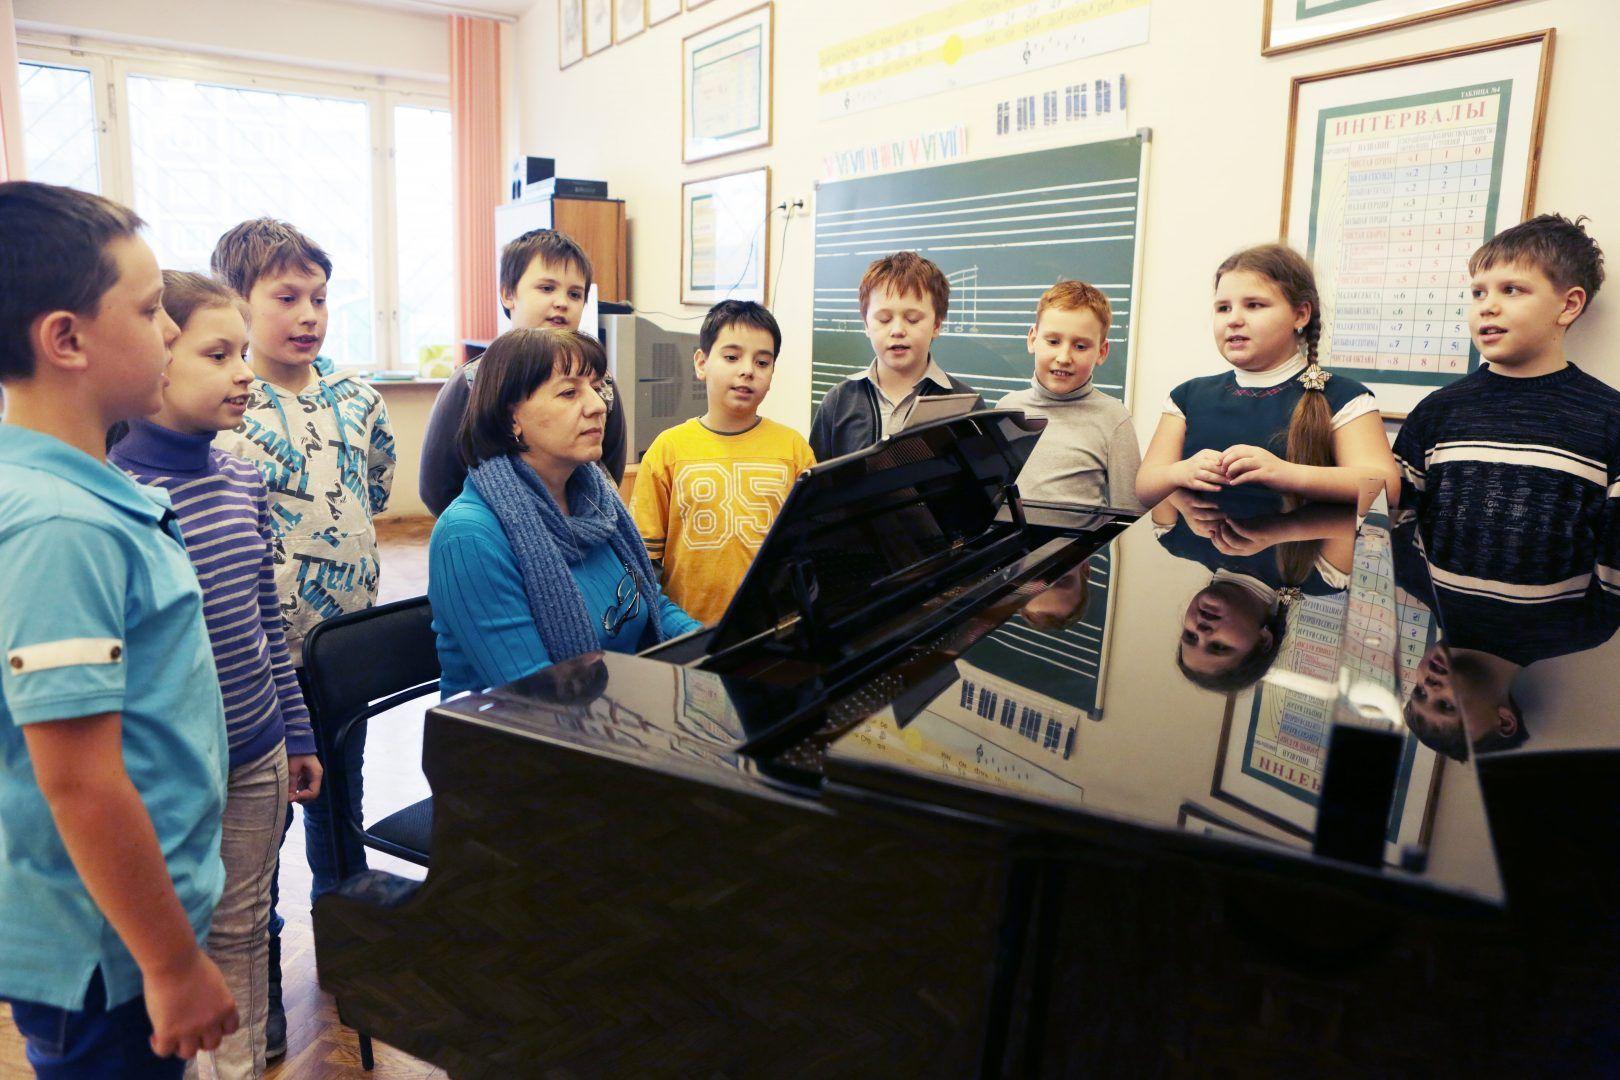 Конкурс «Занимательное сольфеджио» состоялся в Московском. Фото: архив